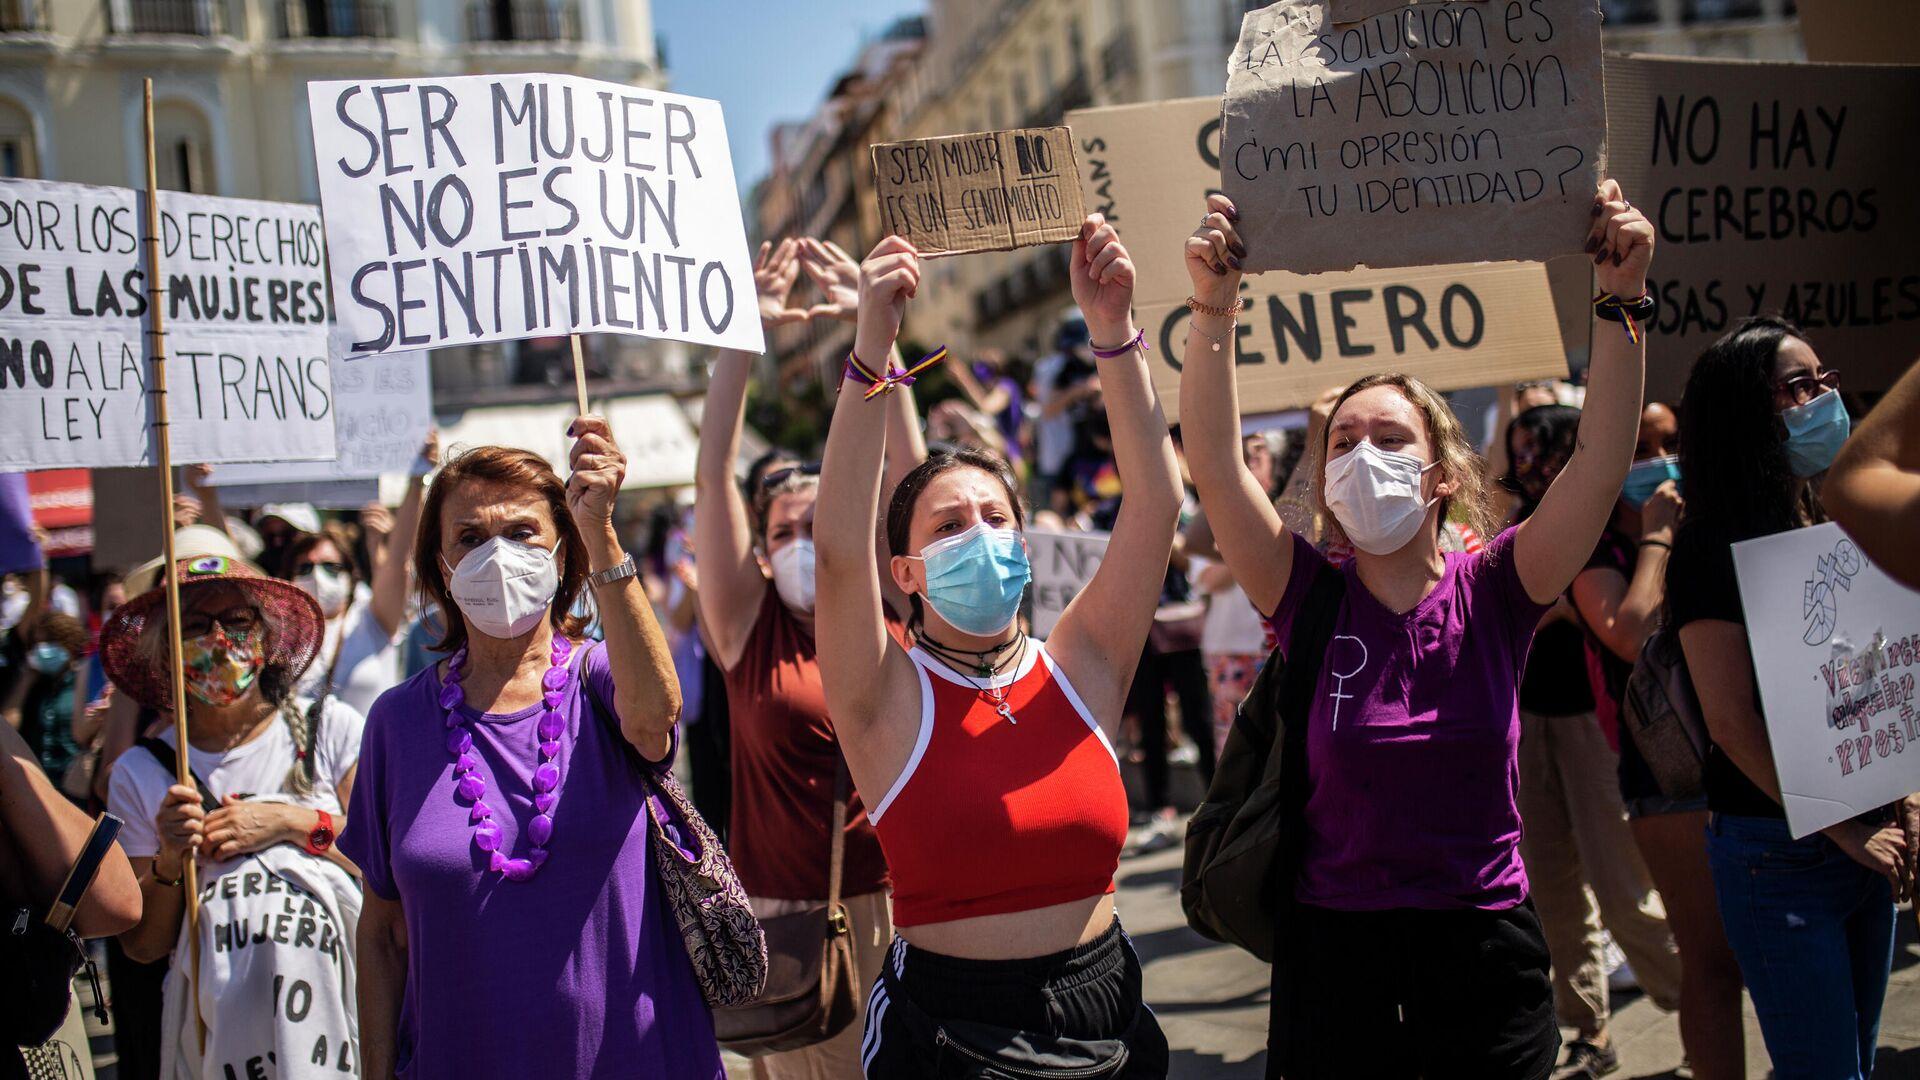 Mujeres con carteles durante una manifestación contra la ley trans (Madrid) - Sputnik Mundo, 1920, 30.06.2021